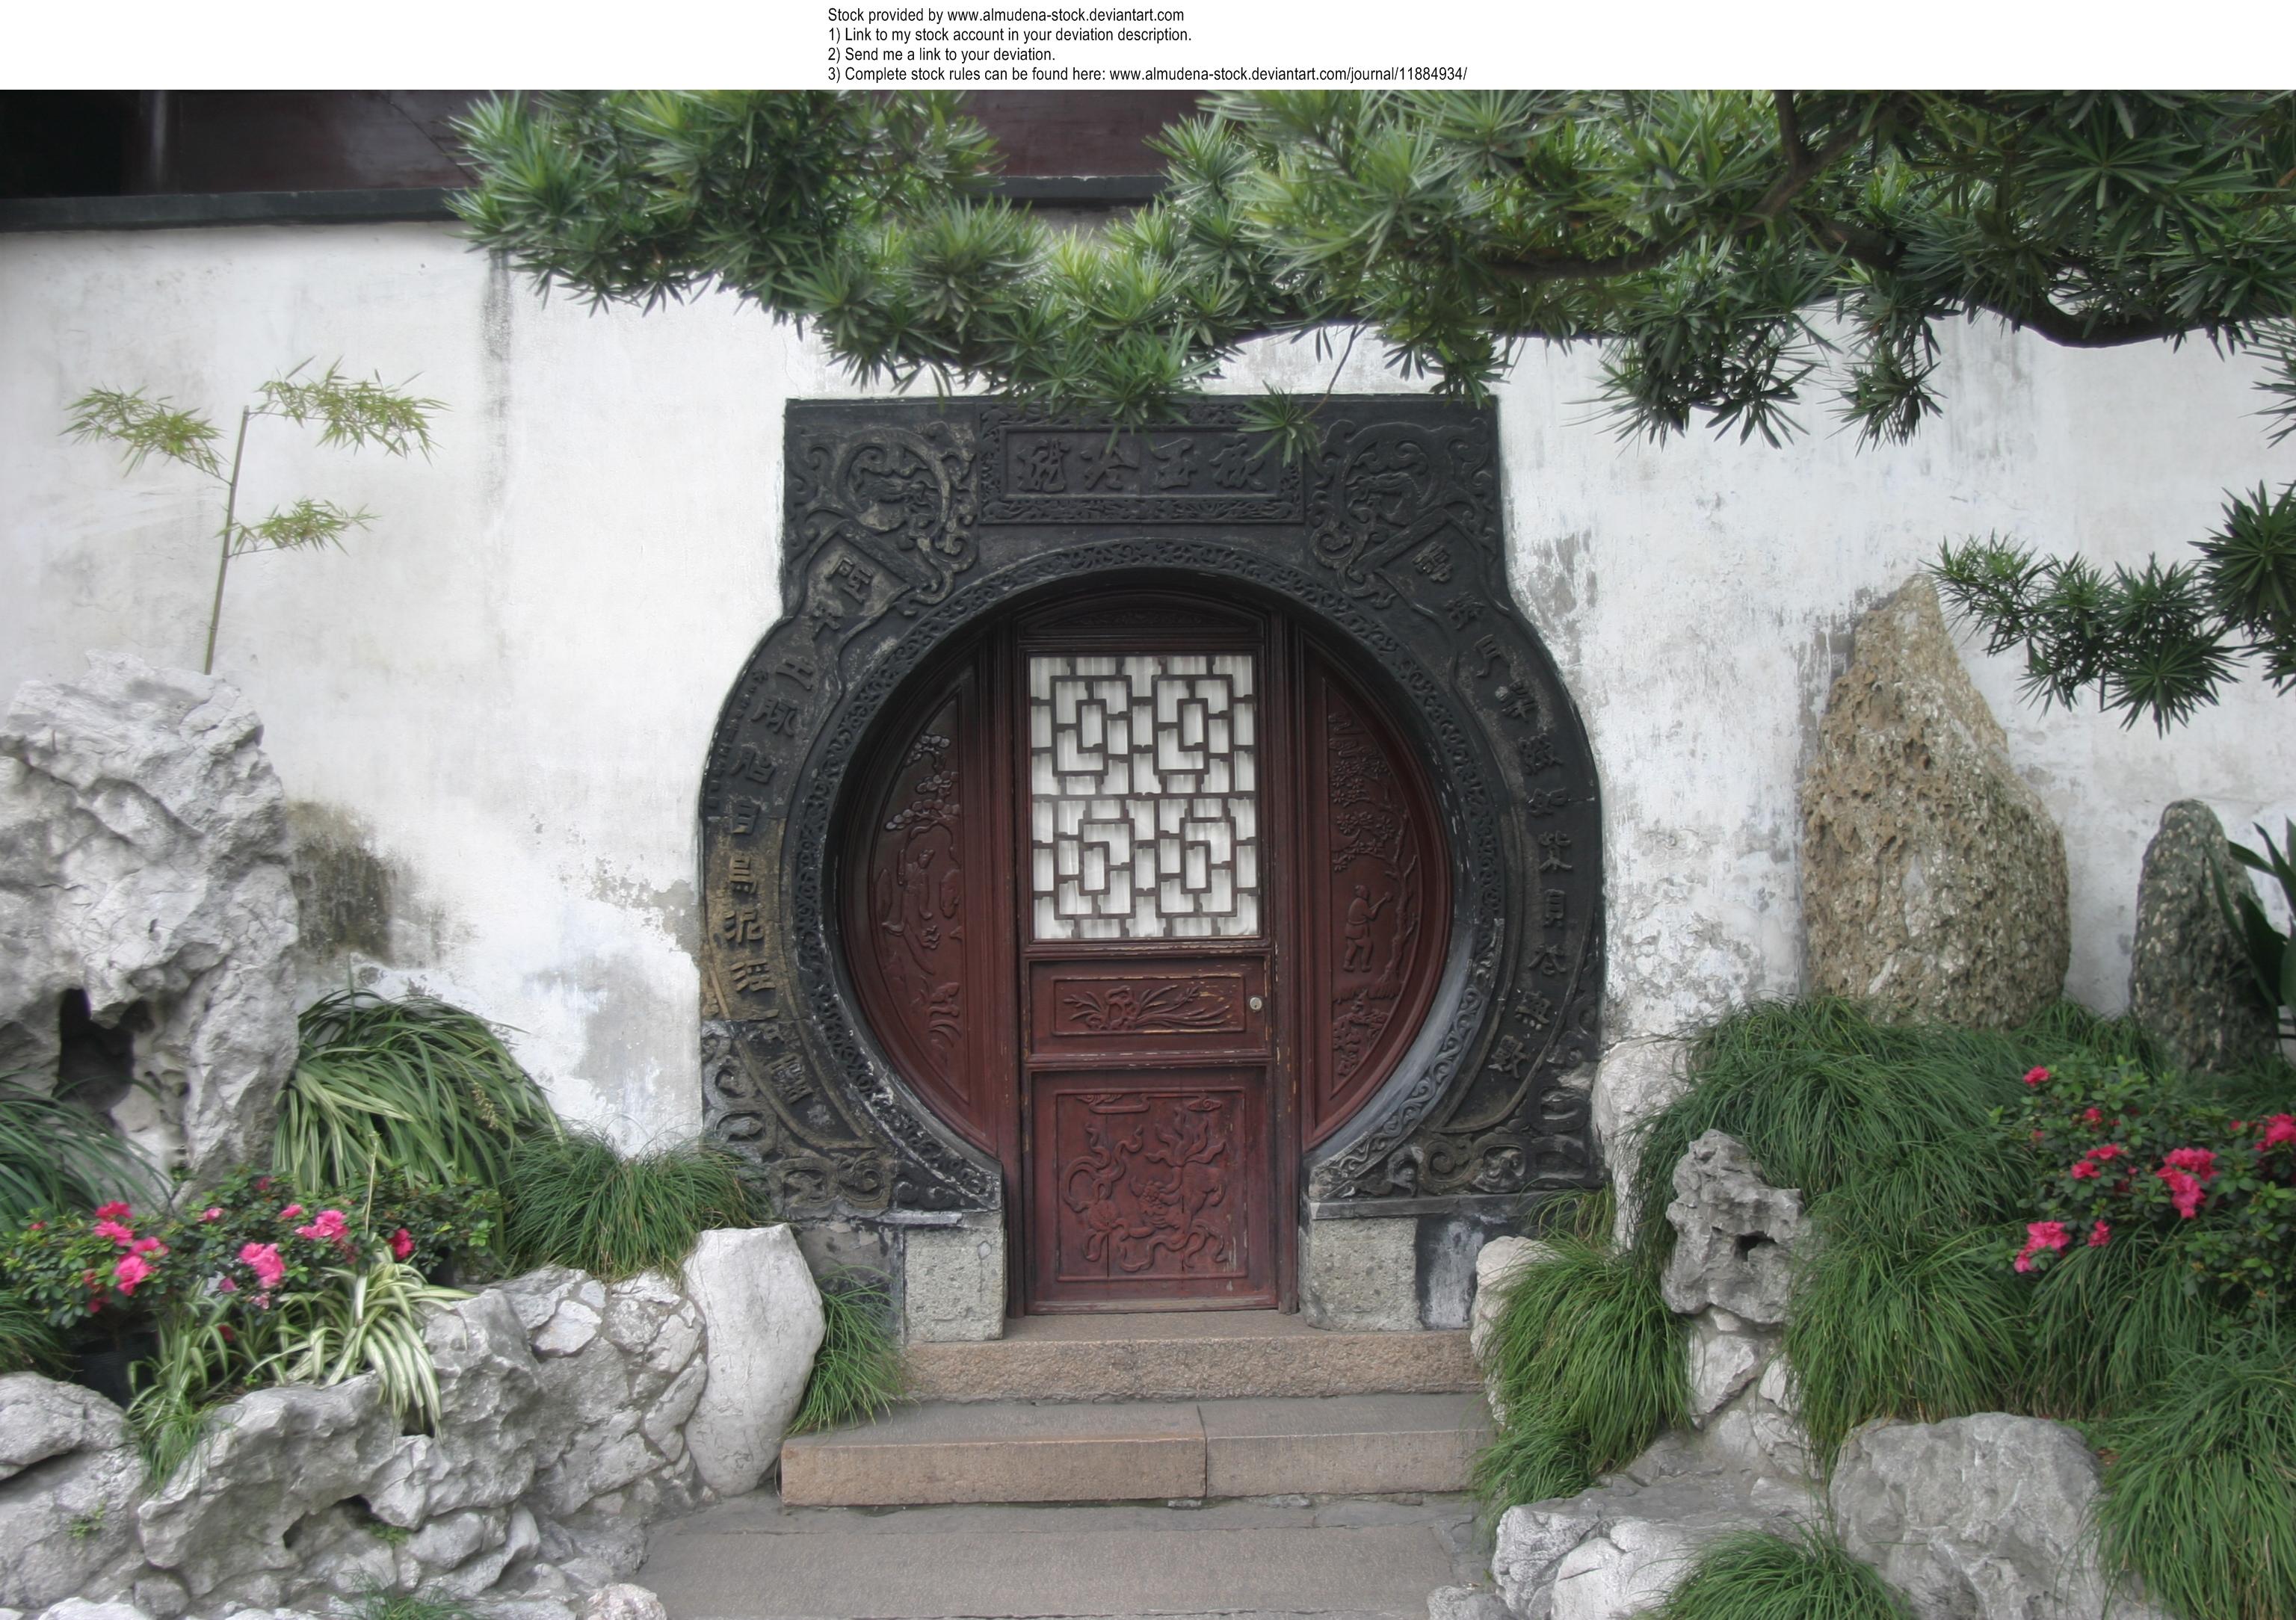 Shanghai door 2 by almudena-stock